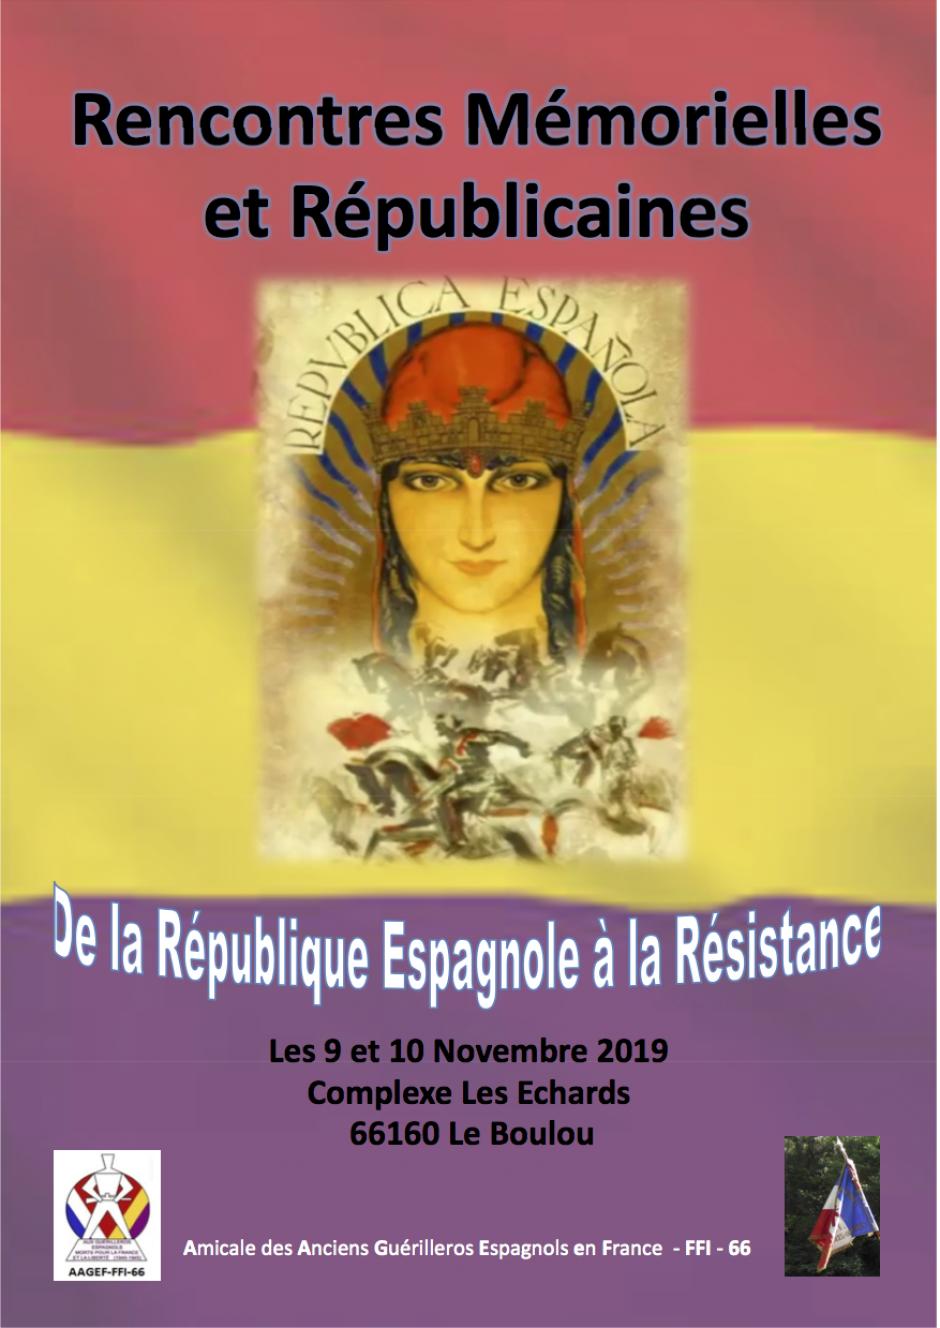 De la République Espagnole à la Résistance